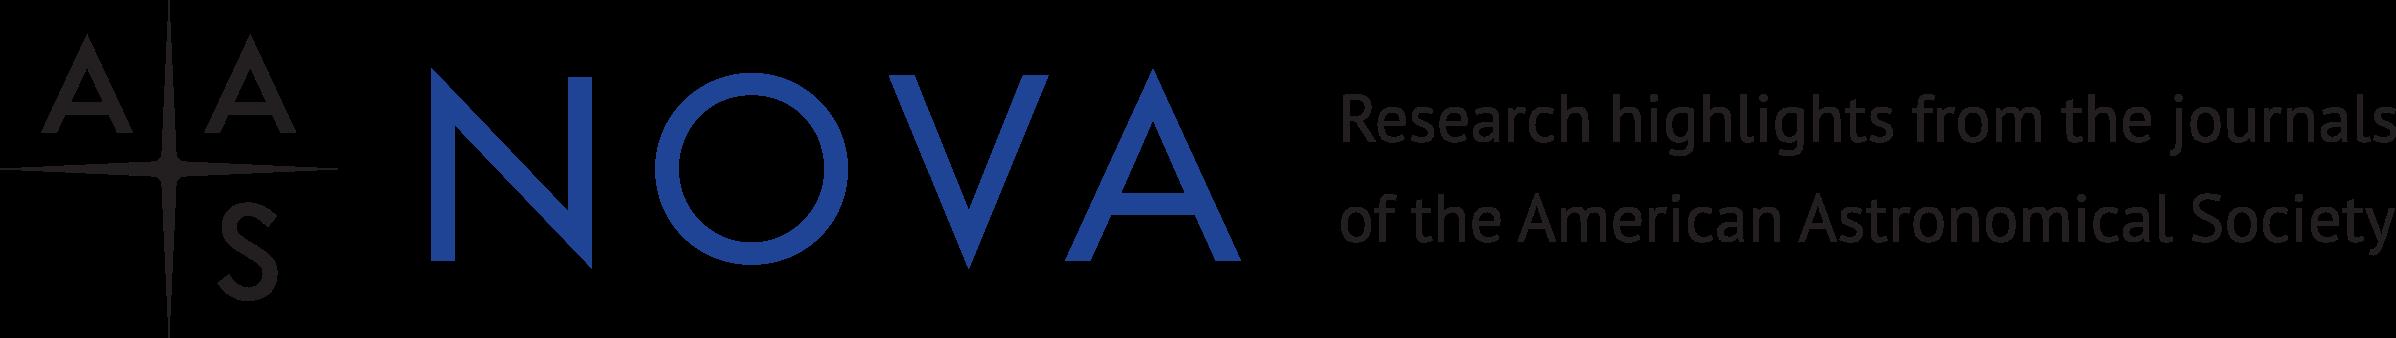 AAS Nova